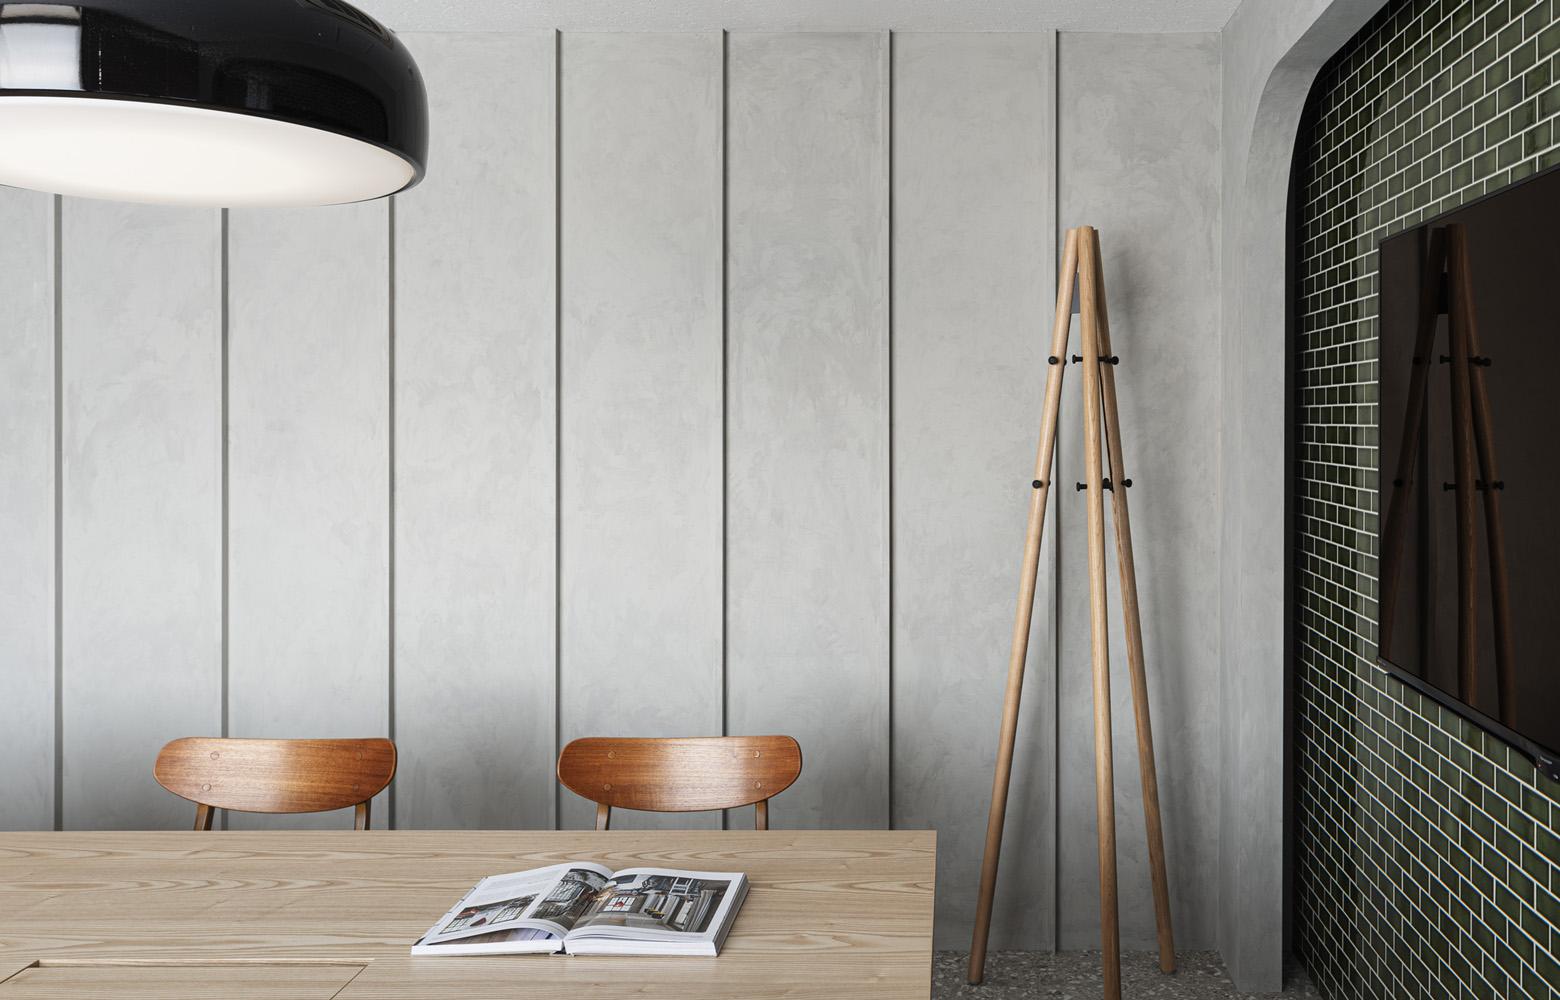 株式会社プライマルヴェニュー Meeting Room_2 デザイン・レイアウト事例